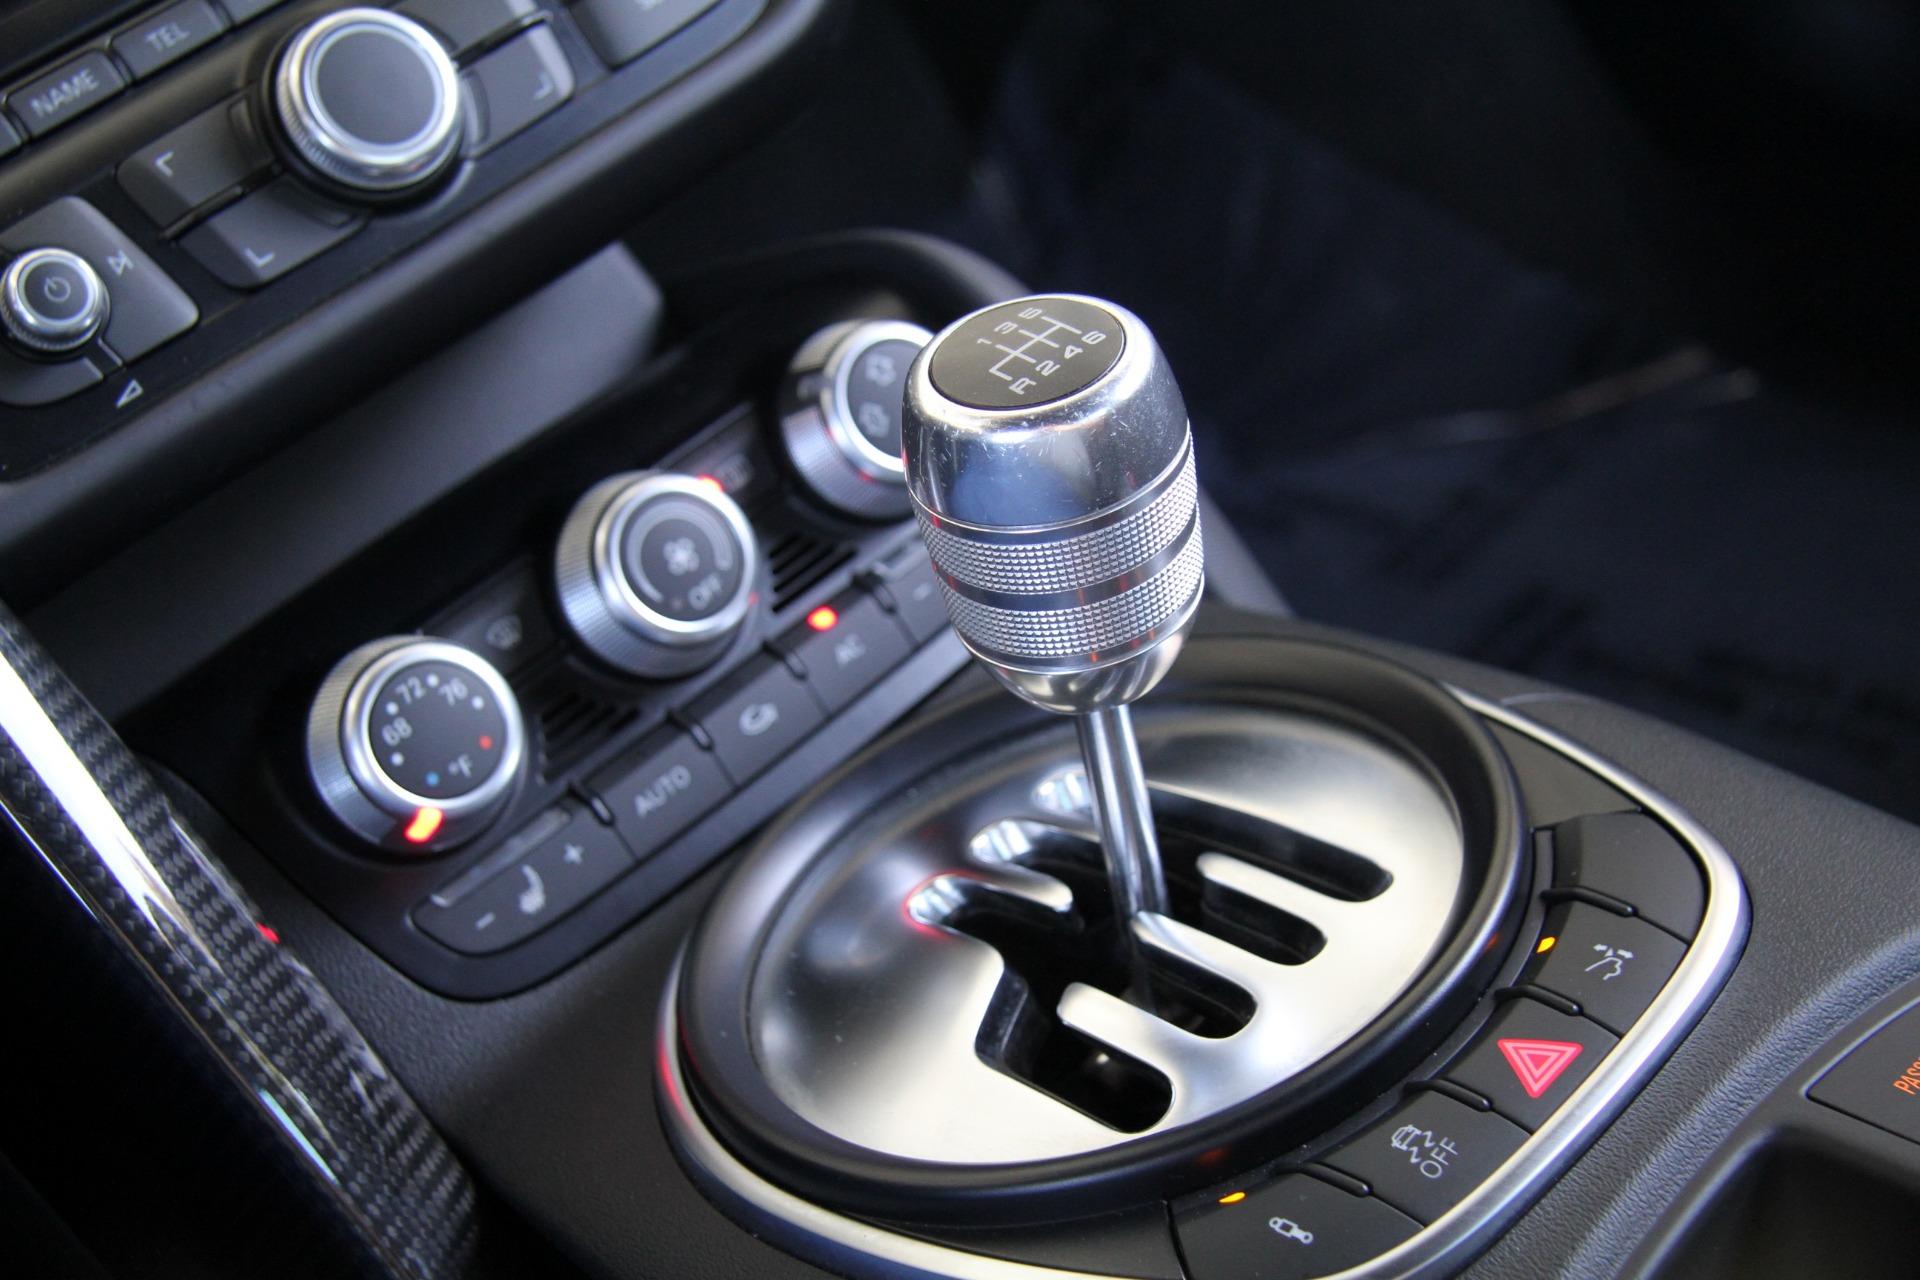 2012 audi r8 4 2 quattro rare manual transmission stock rh platinumautohaus com audi r8 manual linkage audi r8 manual v10